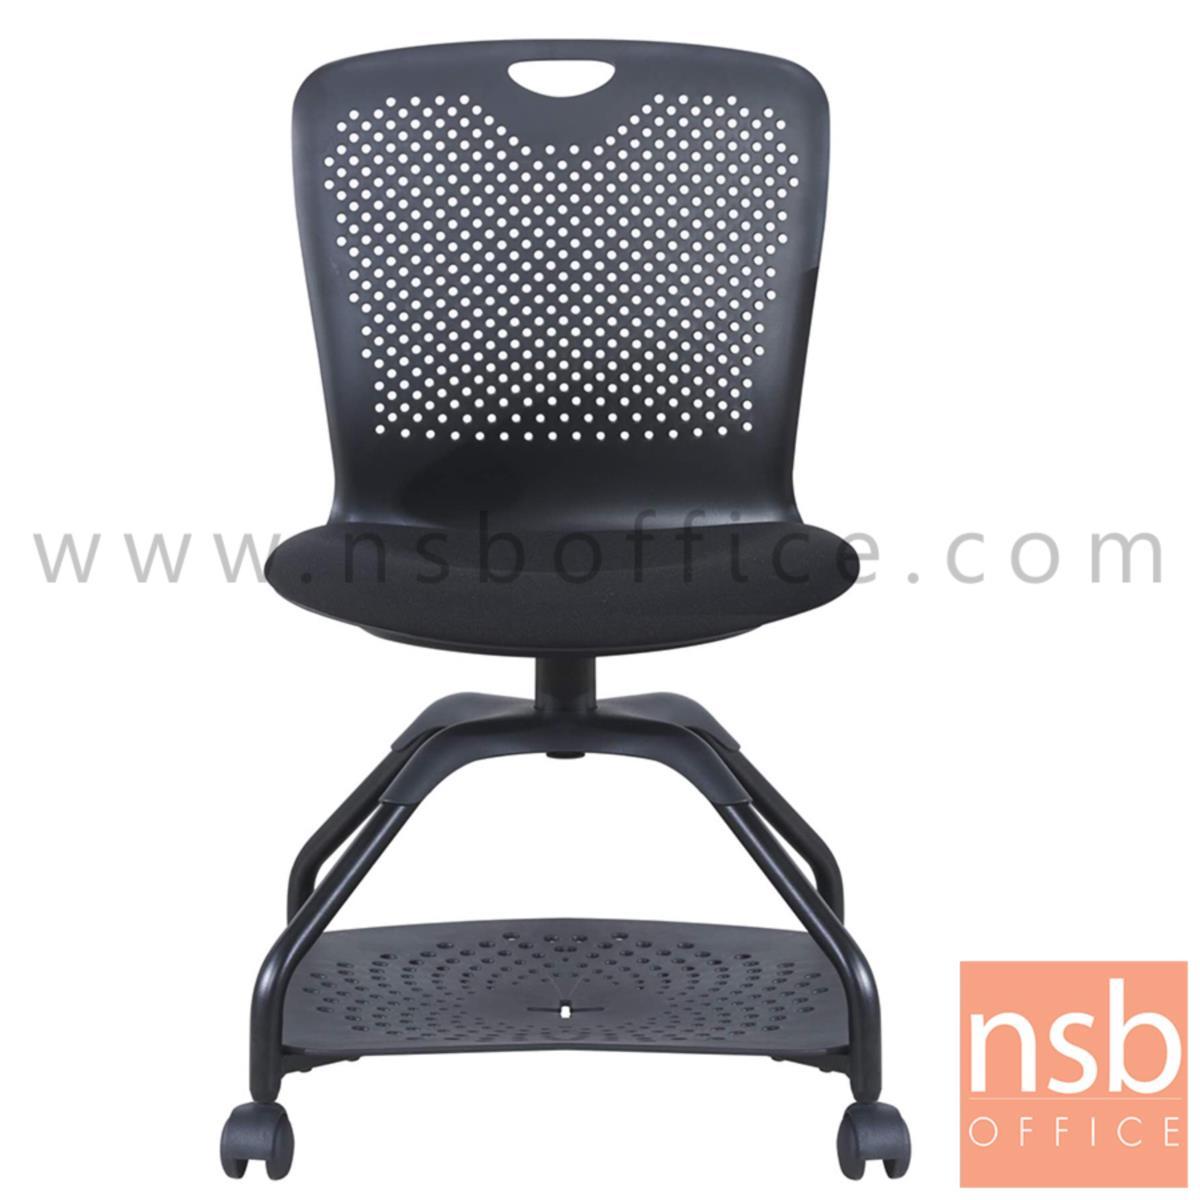 B30A060:เก้าอี้เฟรมโพลี่ล้อเลื่อน รุ่น Coral (คอรัล)  ไม่มีแผ่นเลคเชอร์ ฐานวางกระเป๋าได้